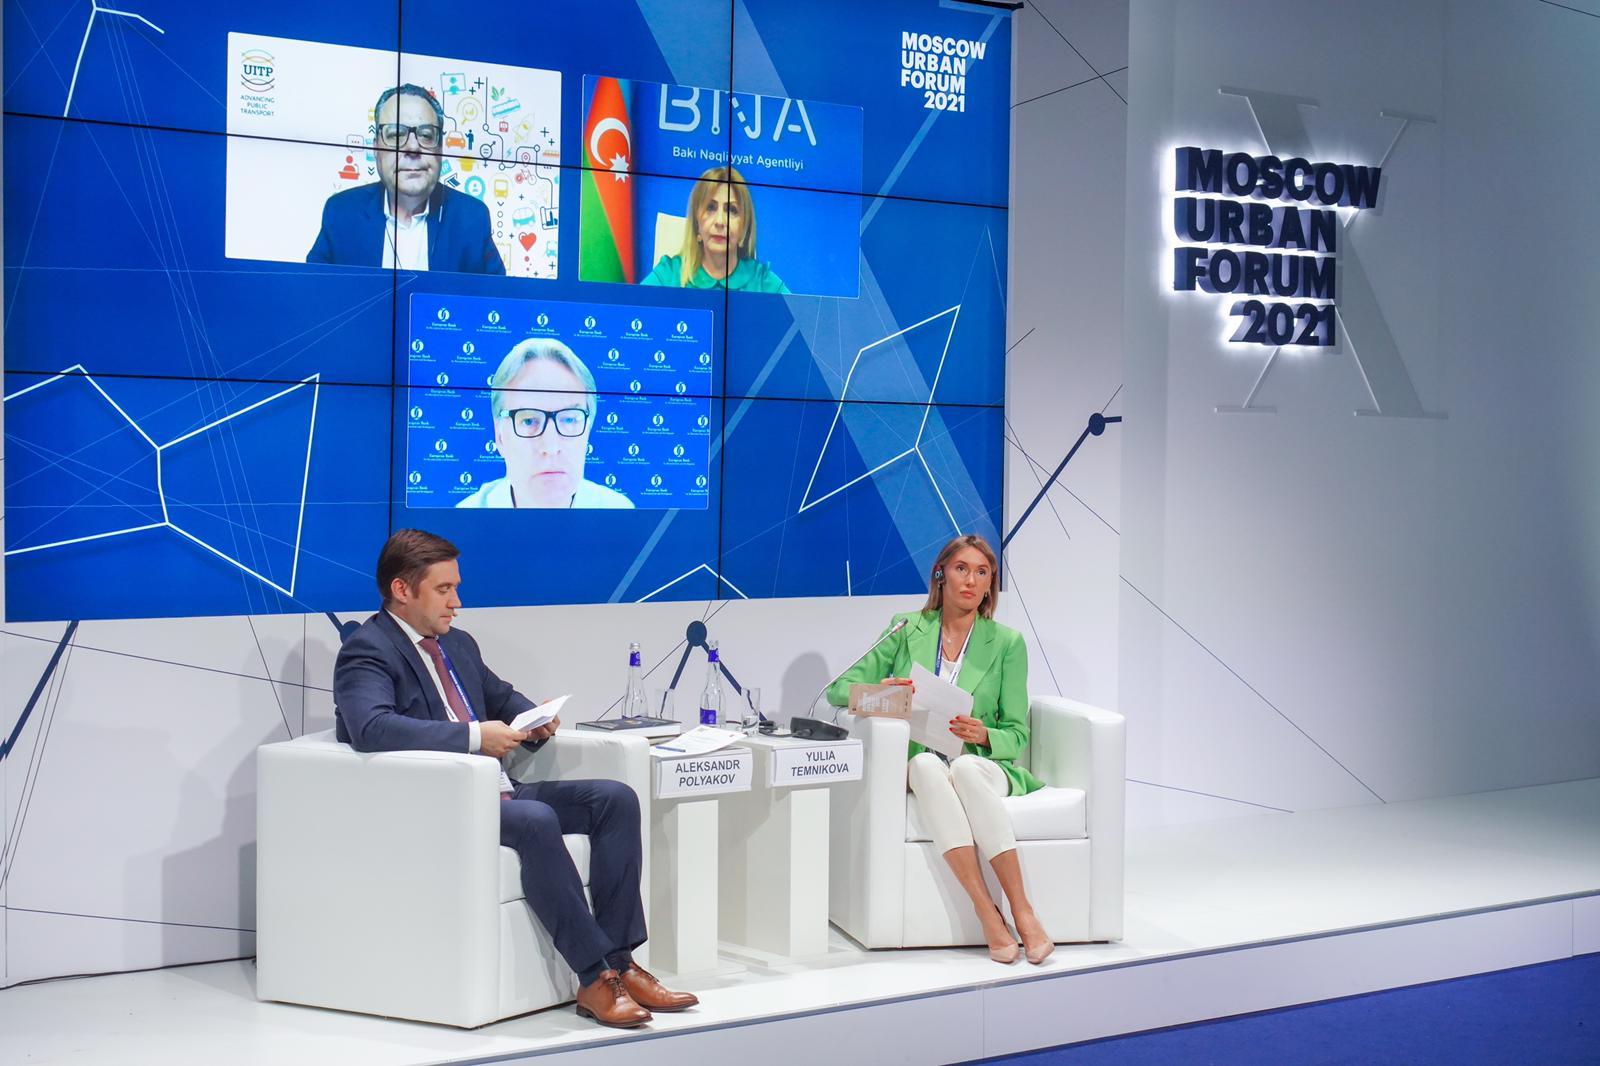 Moskva Şəhər Forumu çərçivəsində UITP-nin Avrasiya bölməsi üzrə dəyirmi masa keçirilib